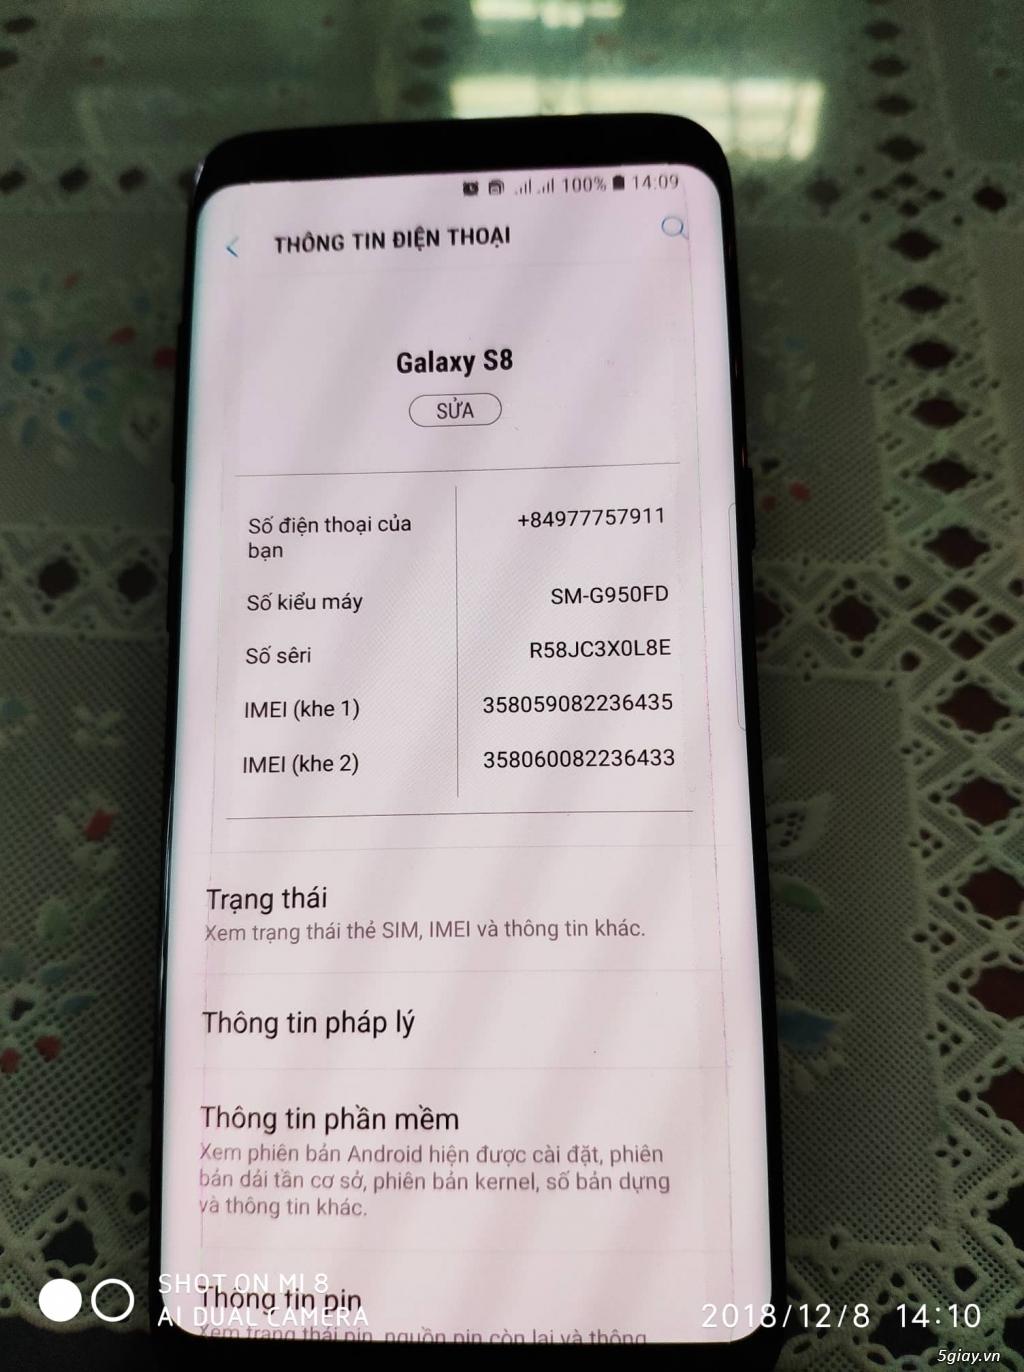 Giá sốc Samsung S8 64Gb hàng Samsung VN,nguyên hộp, chính hãng VNA - 6